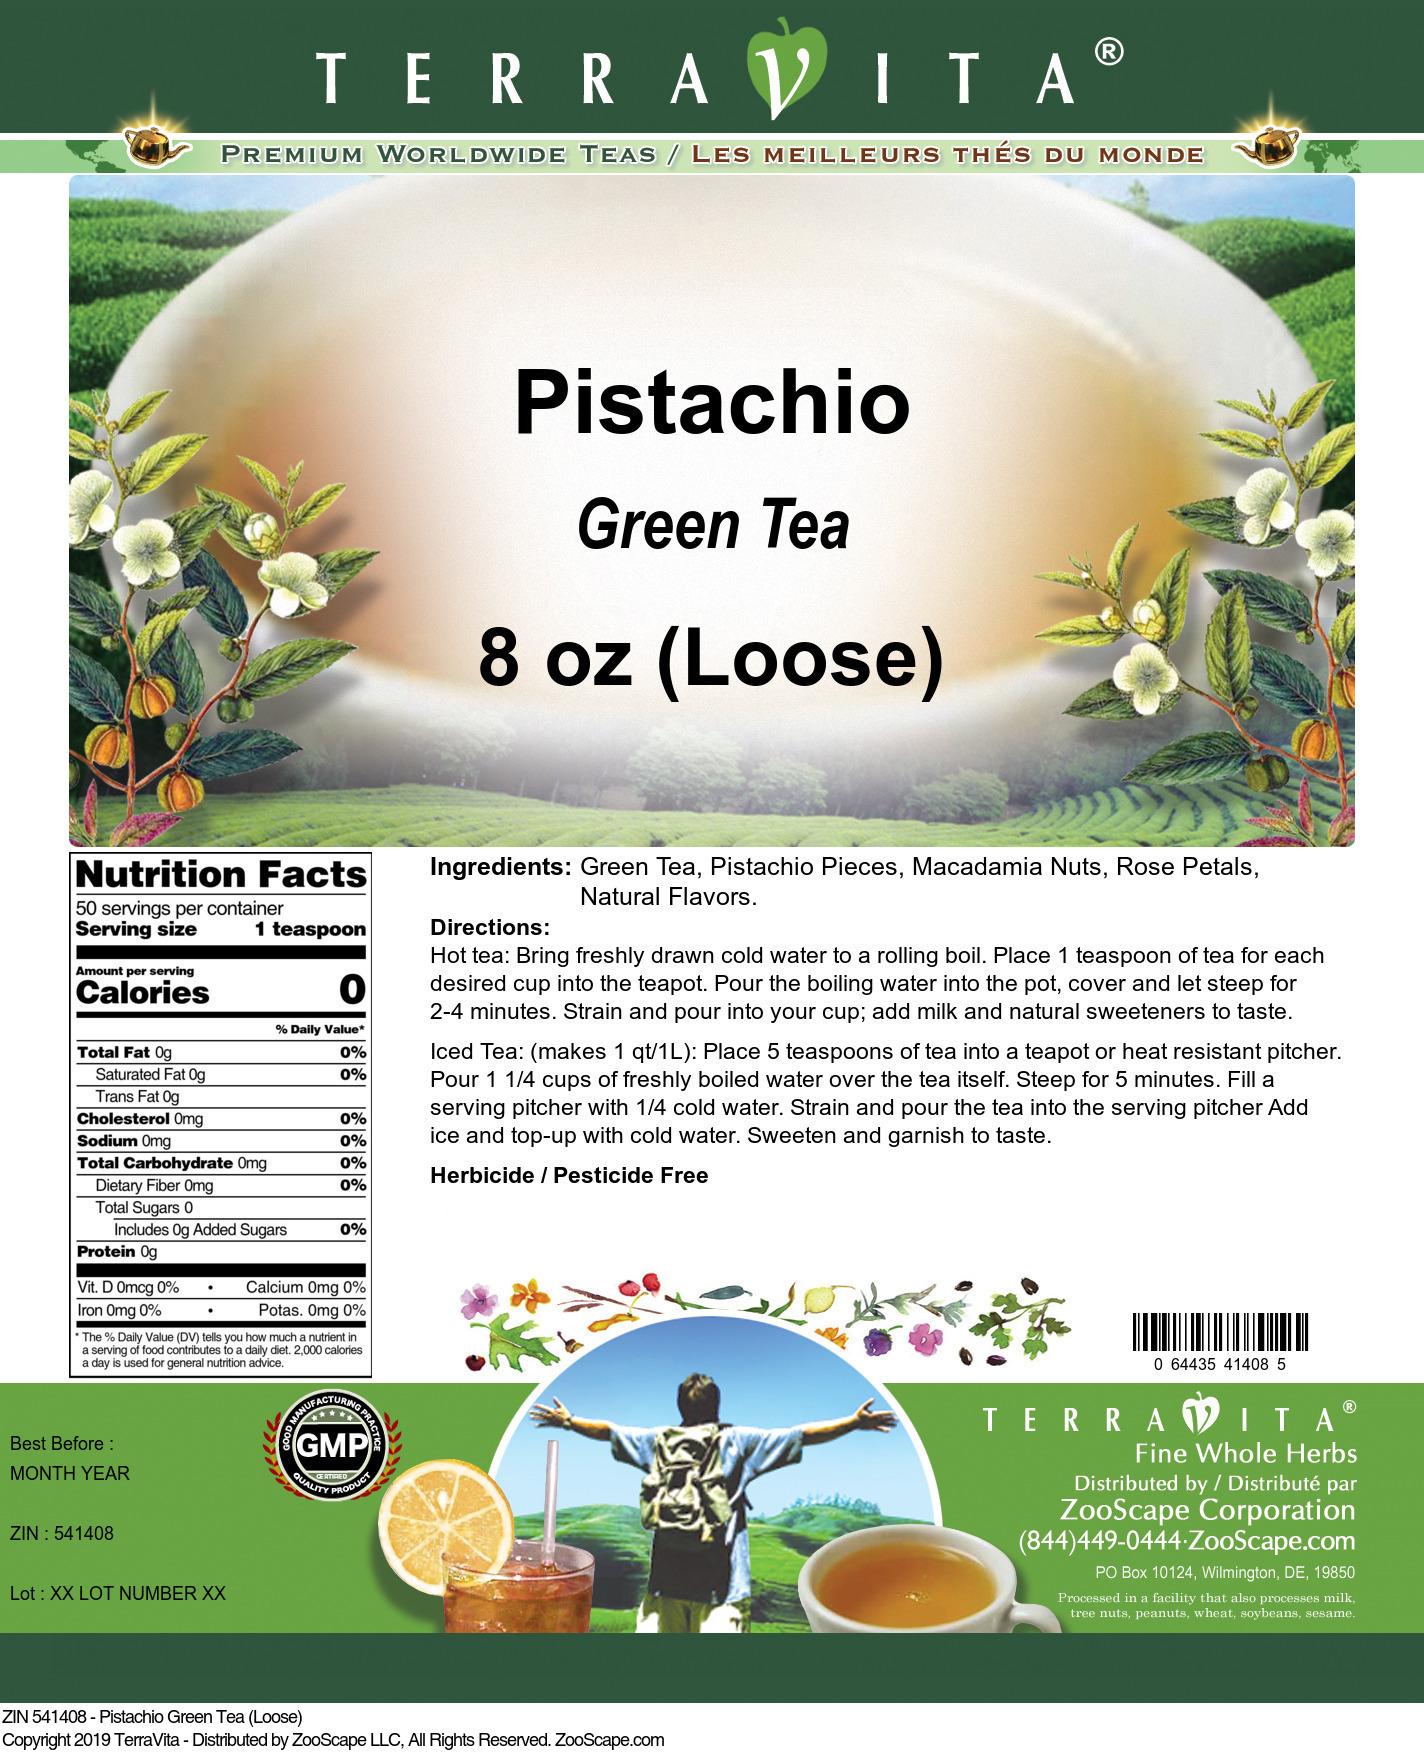 Pistachio Green Tea